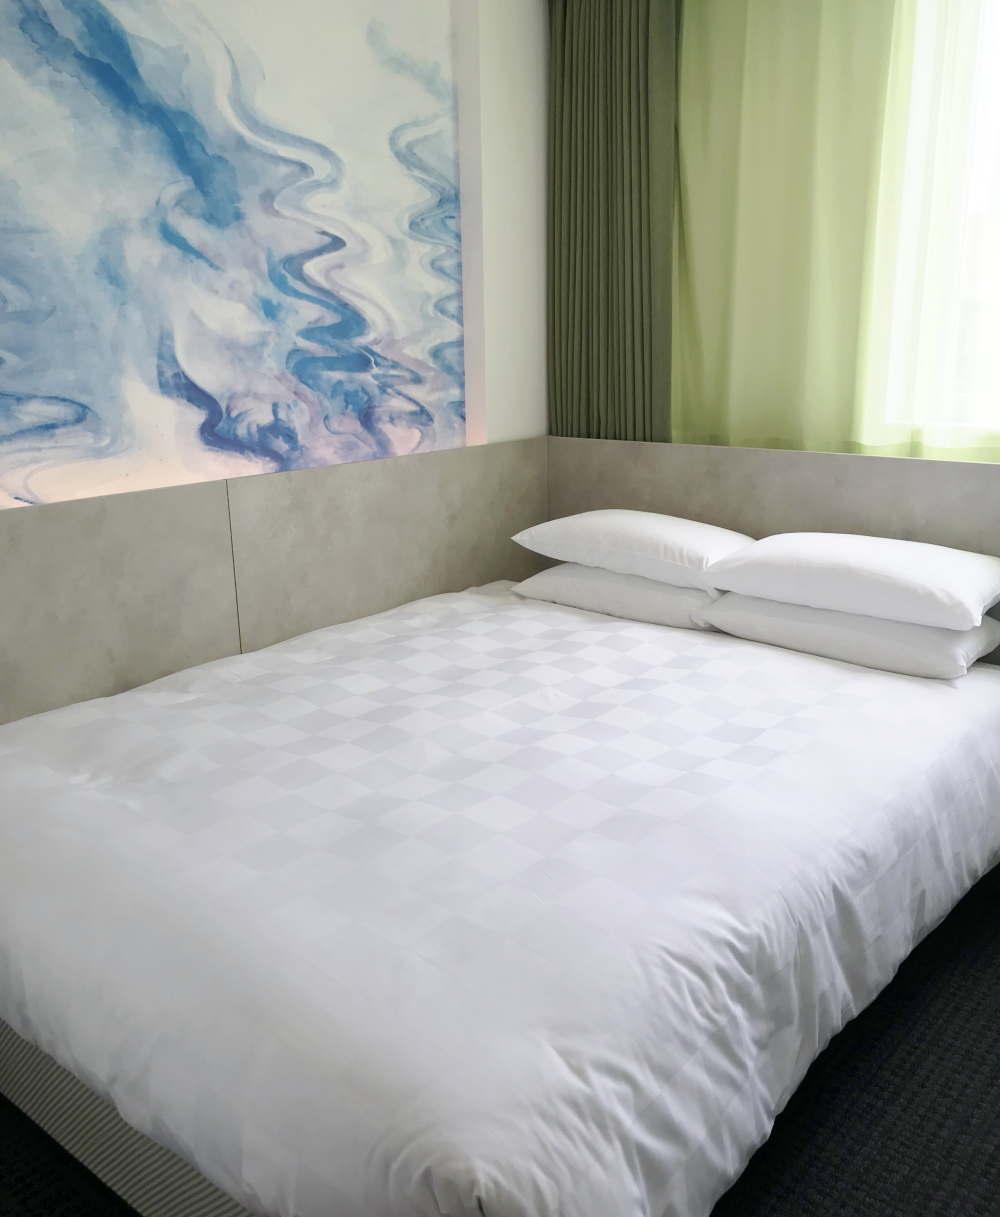 ホテル オリエンタルエクスプレス 東京銀座 部屋の写真